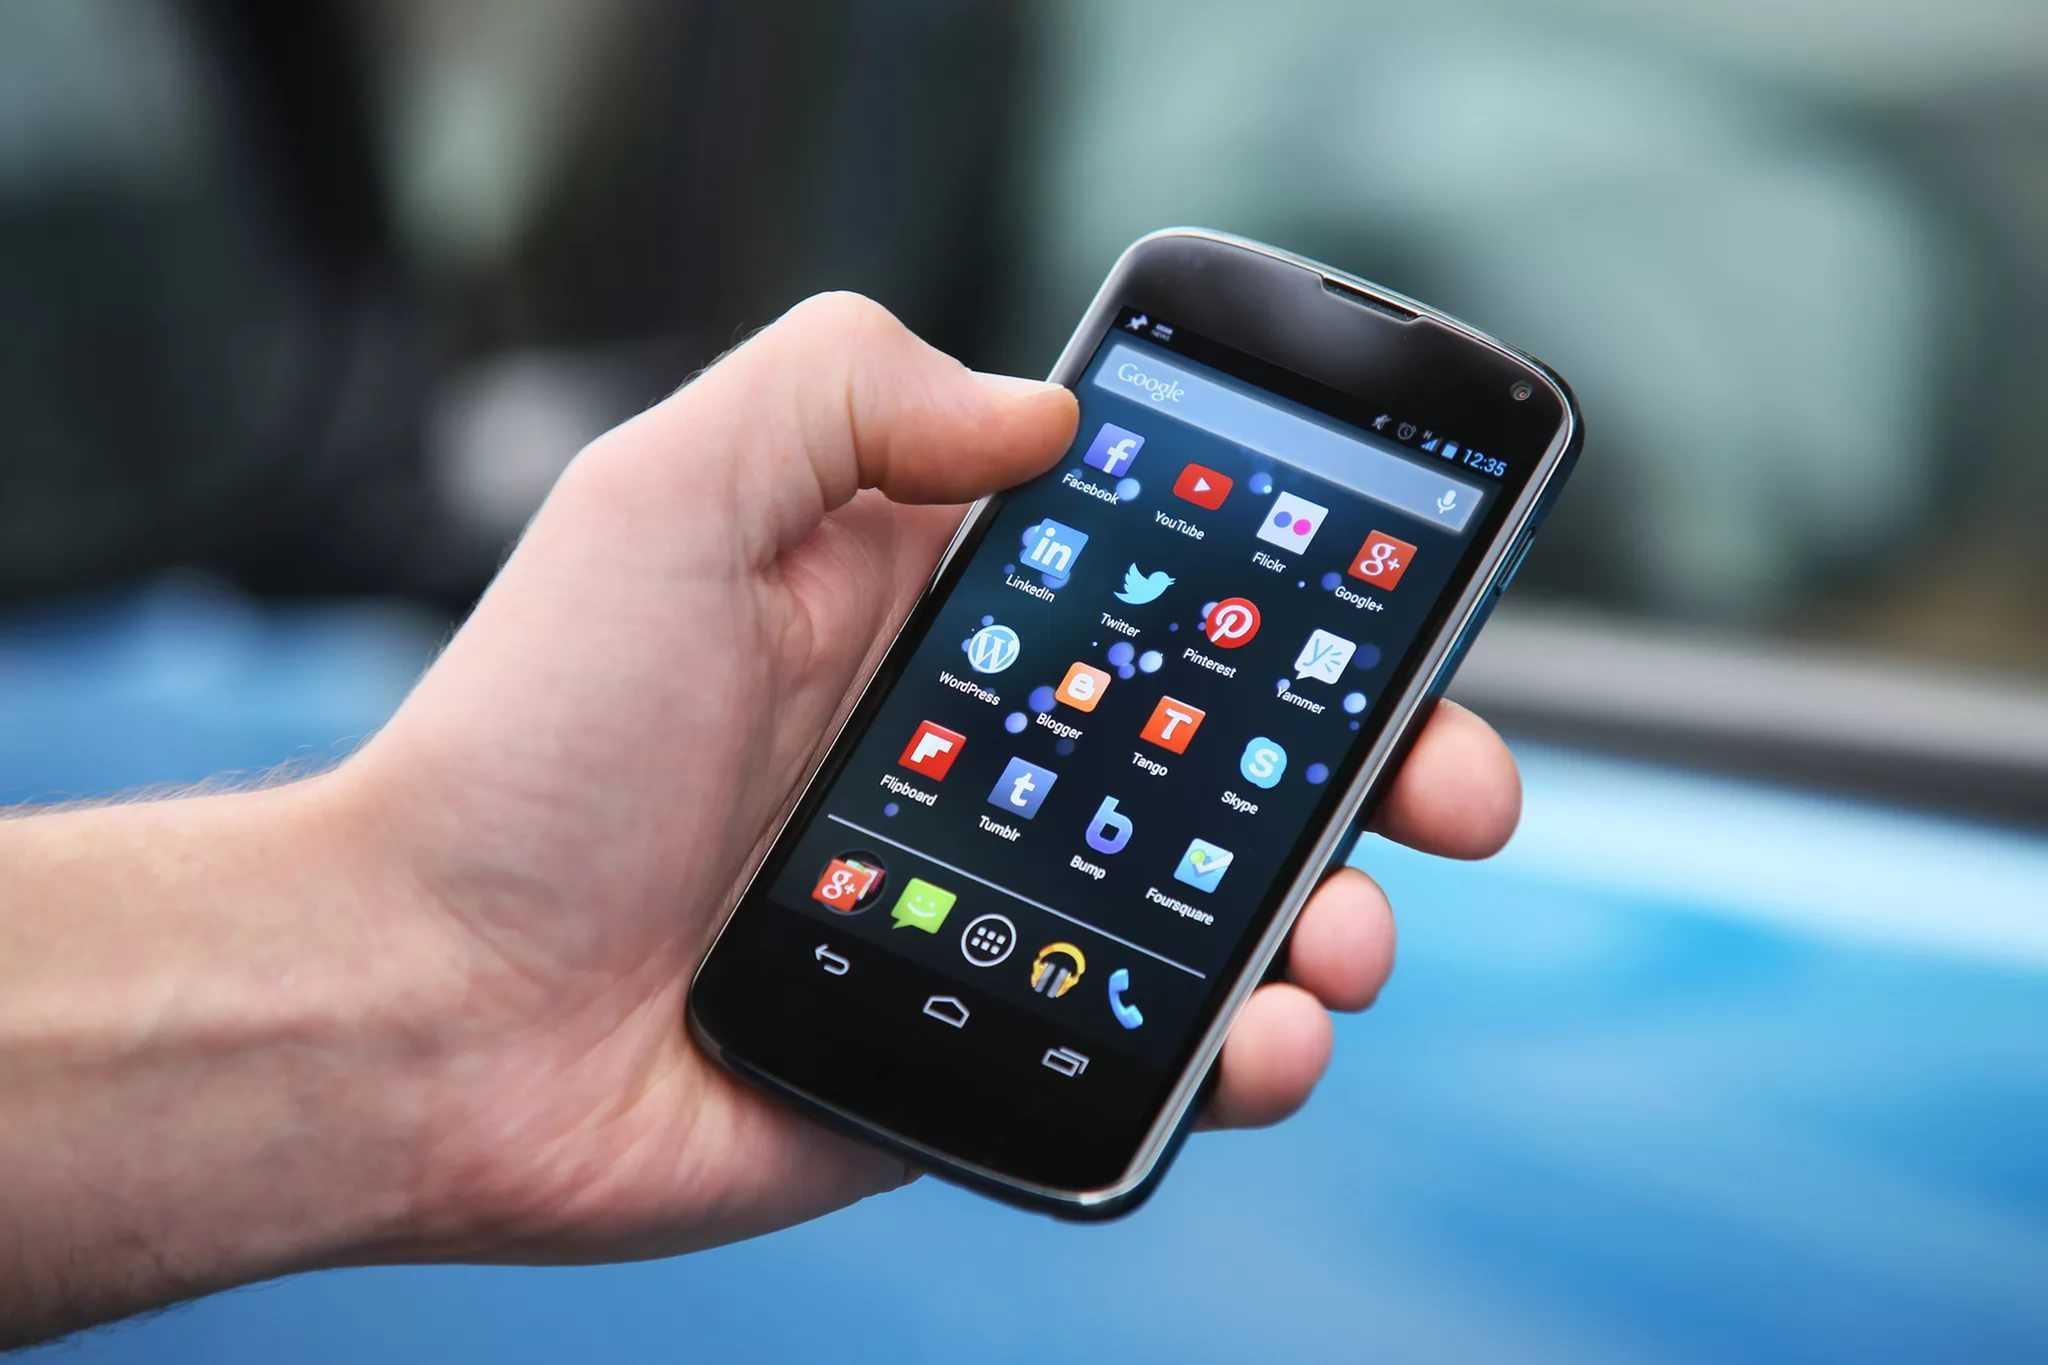 Cep Telefonu Arama Yapmıyor Sorunu ve Çözüm Yöntemleri